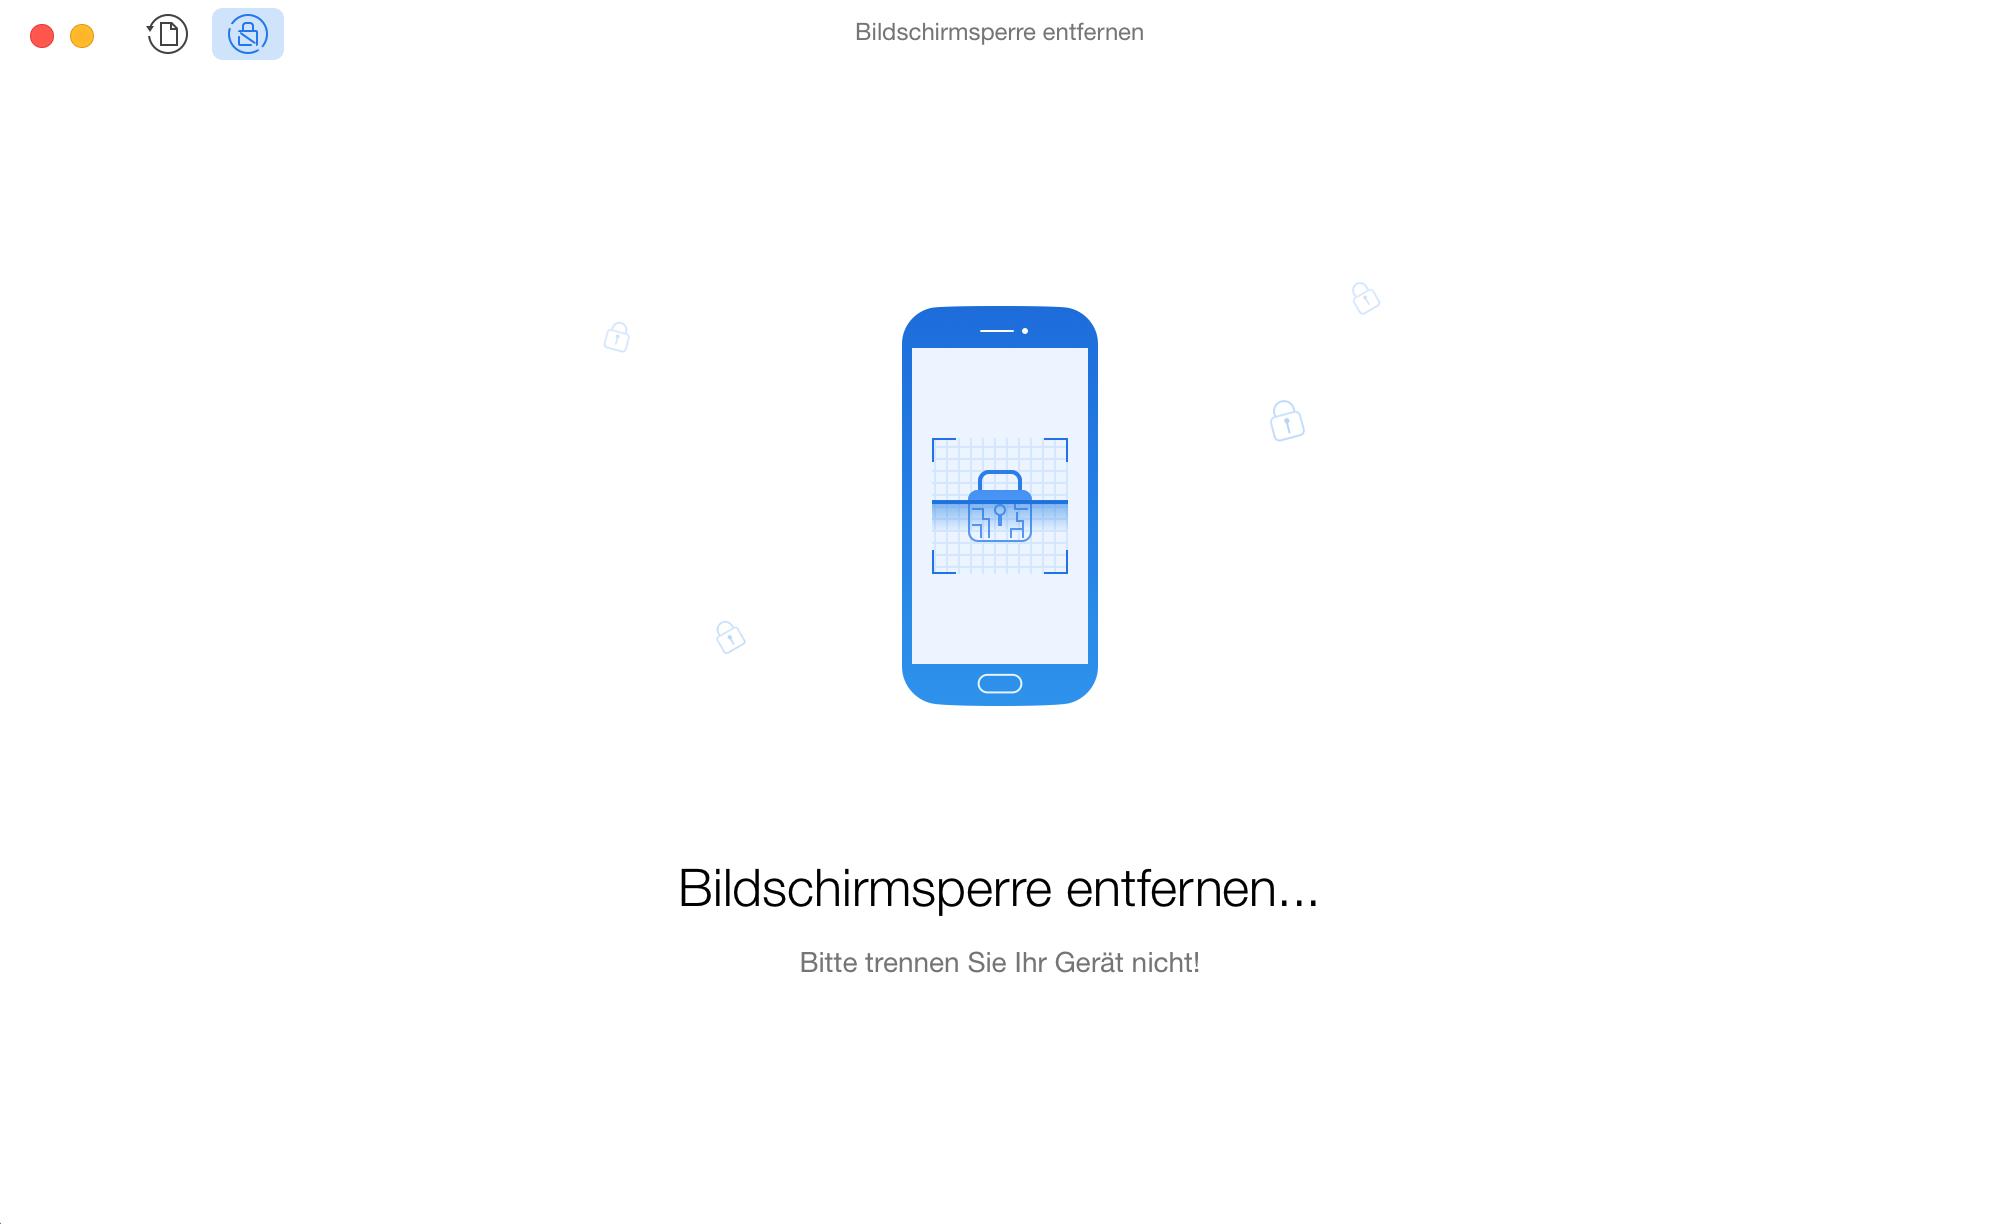 Android Gerät analysieren